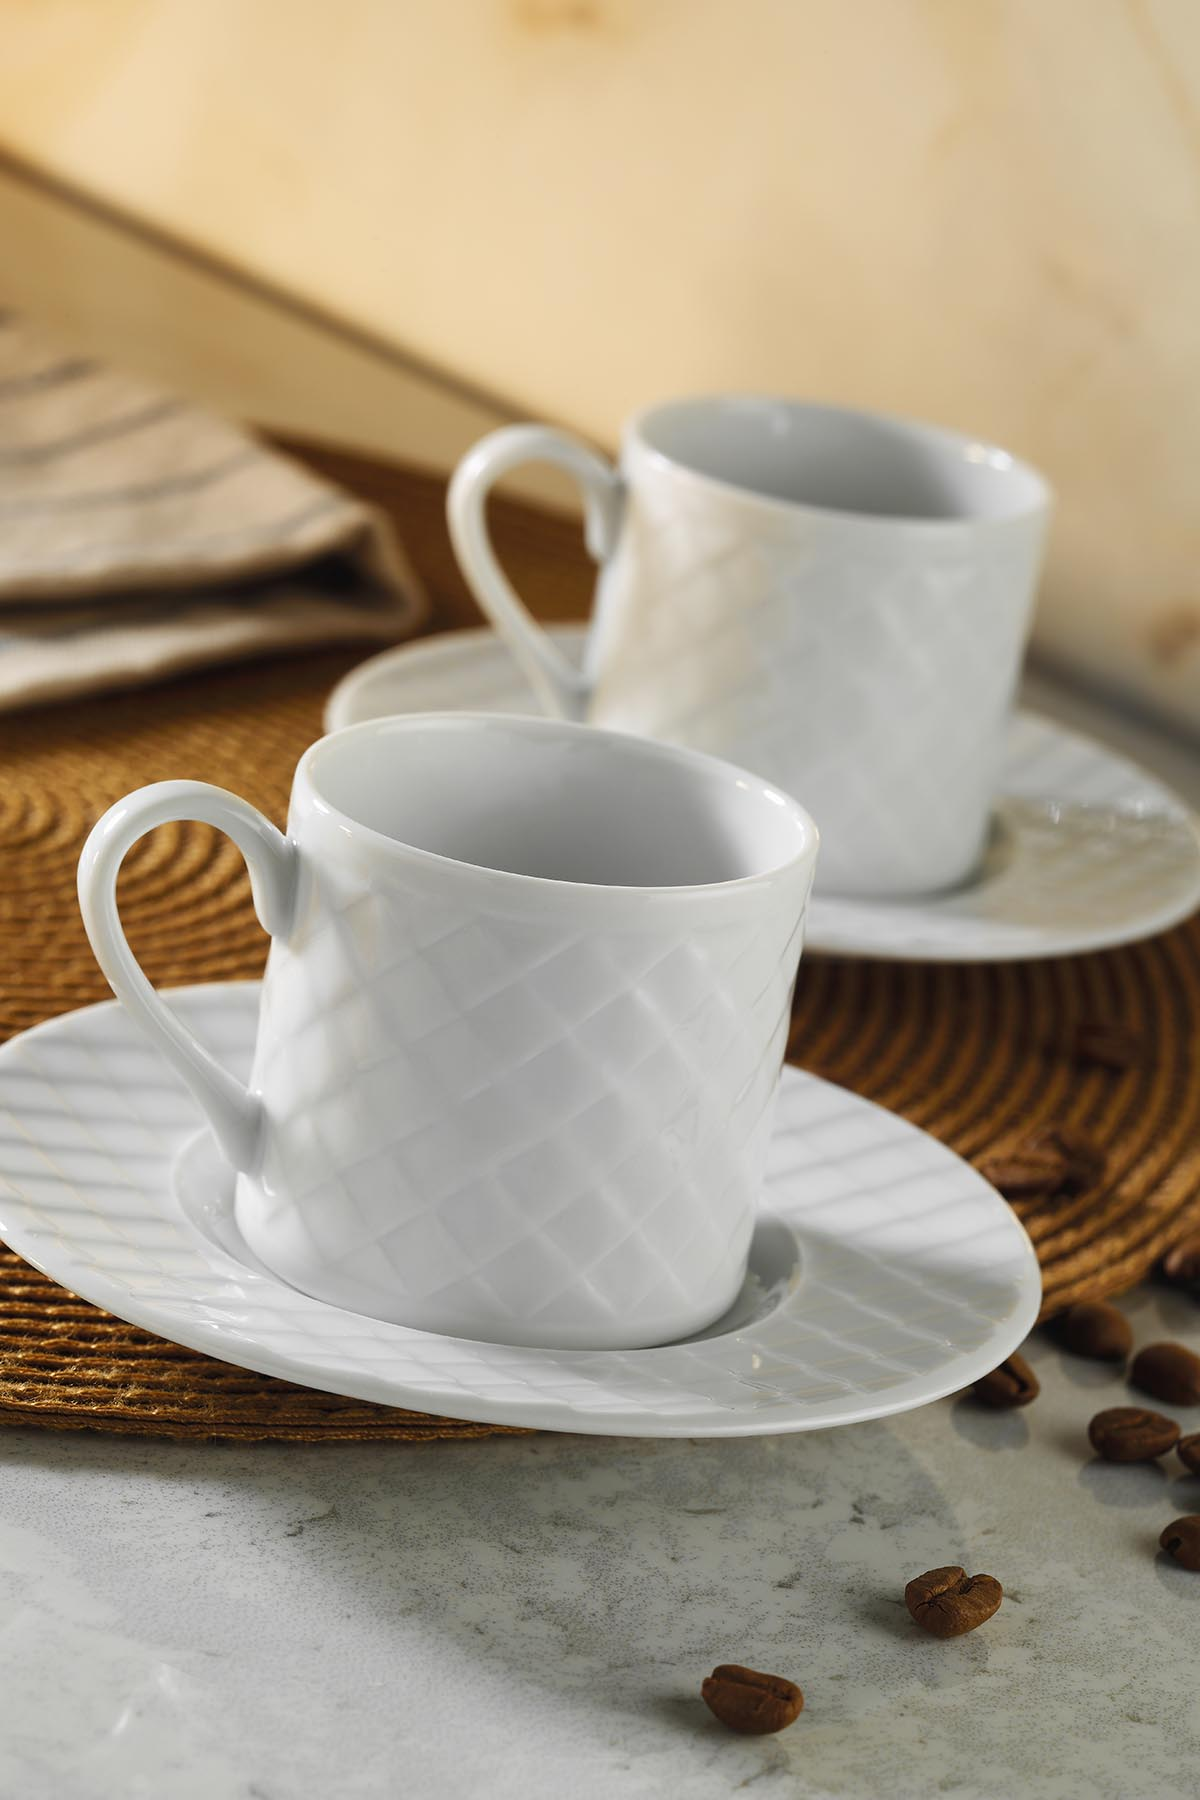 KÜTAHYA PORSELEN - Kütahya Porselen Ekose Kahve Takımı